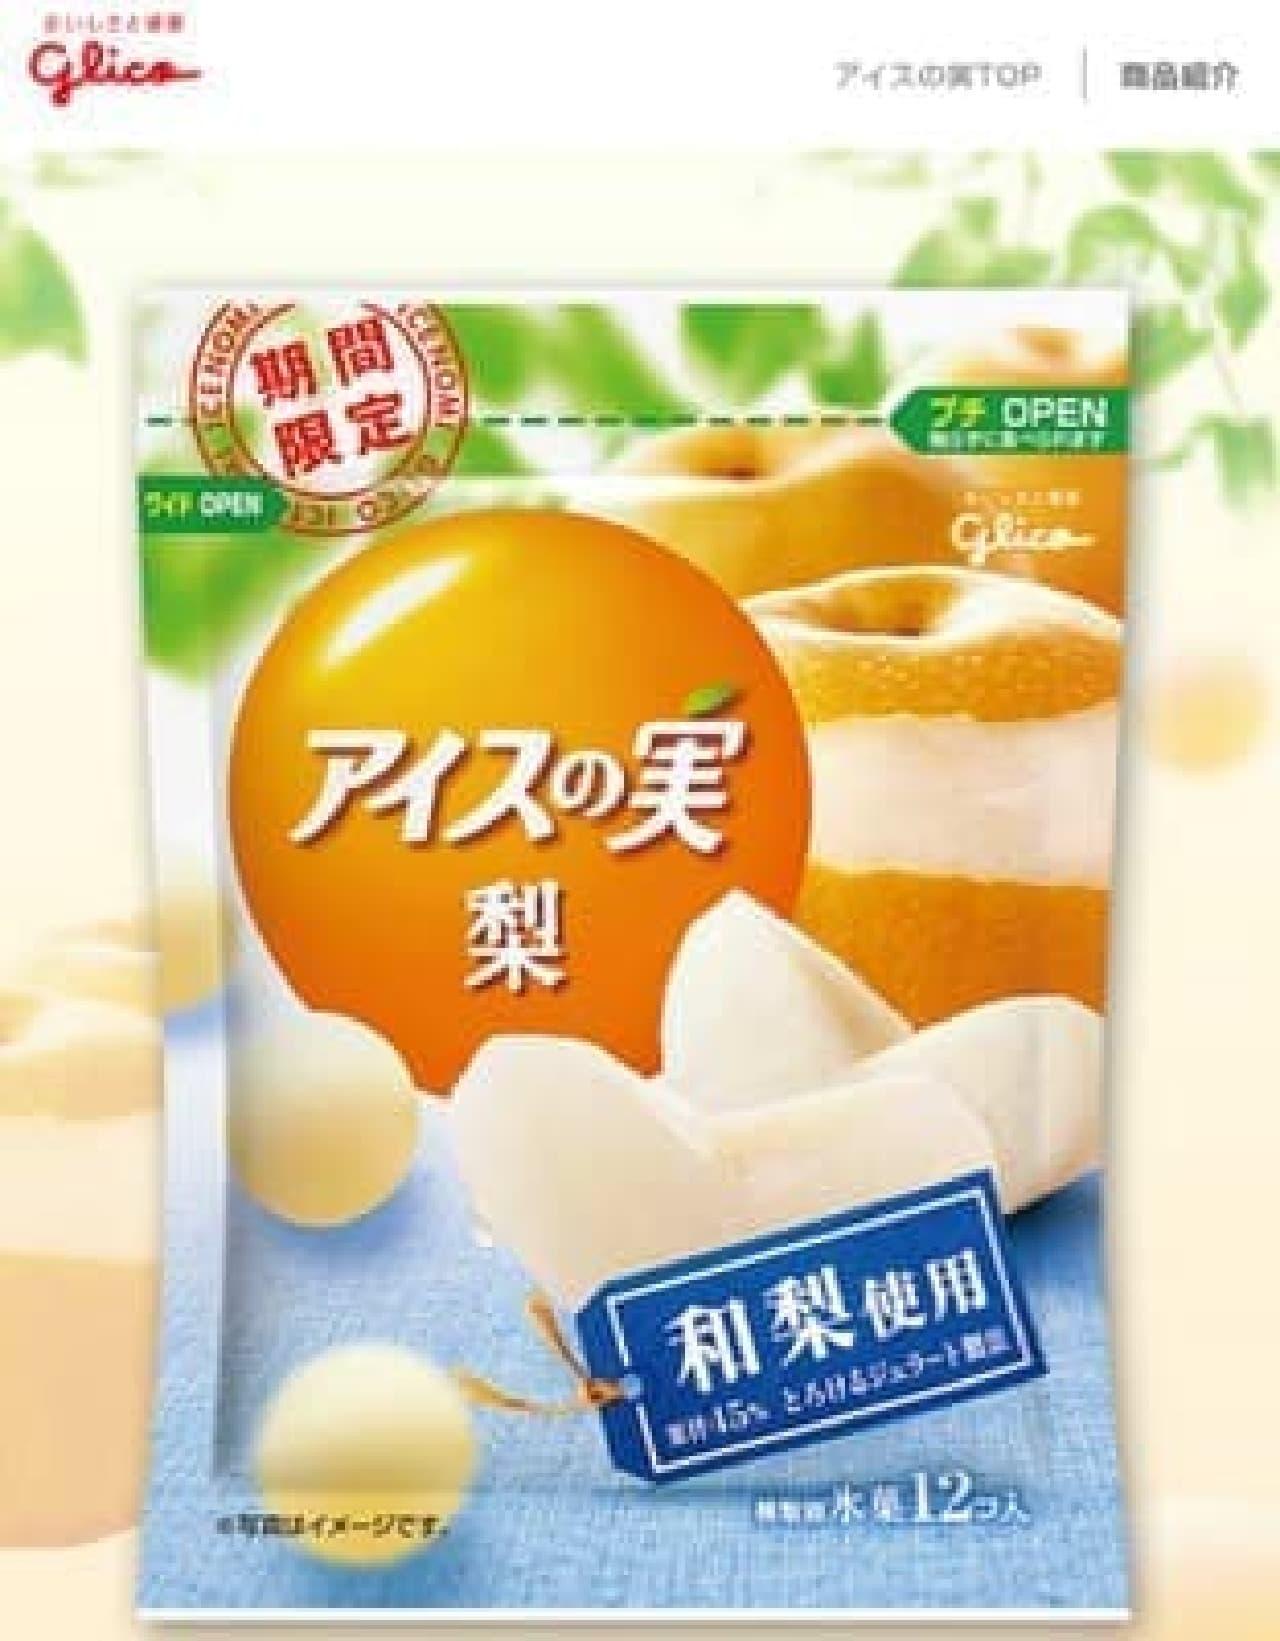 """アイスの実にみずみずしい""""梨""""味!  出典:江崎グリコ公式サイト"""